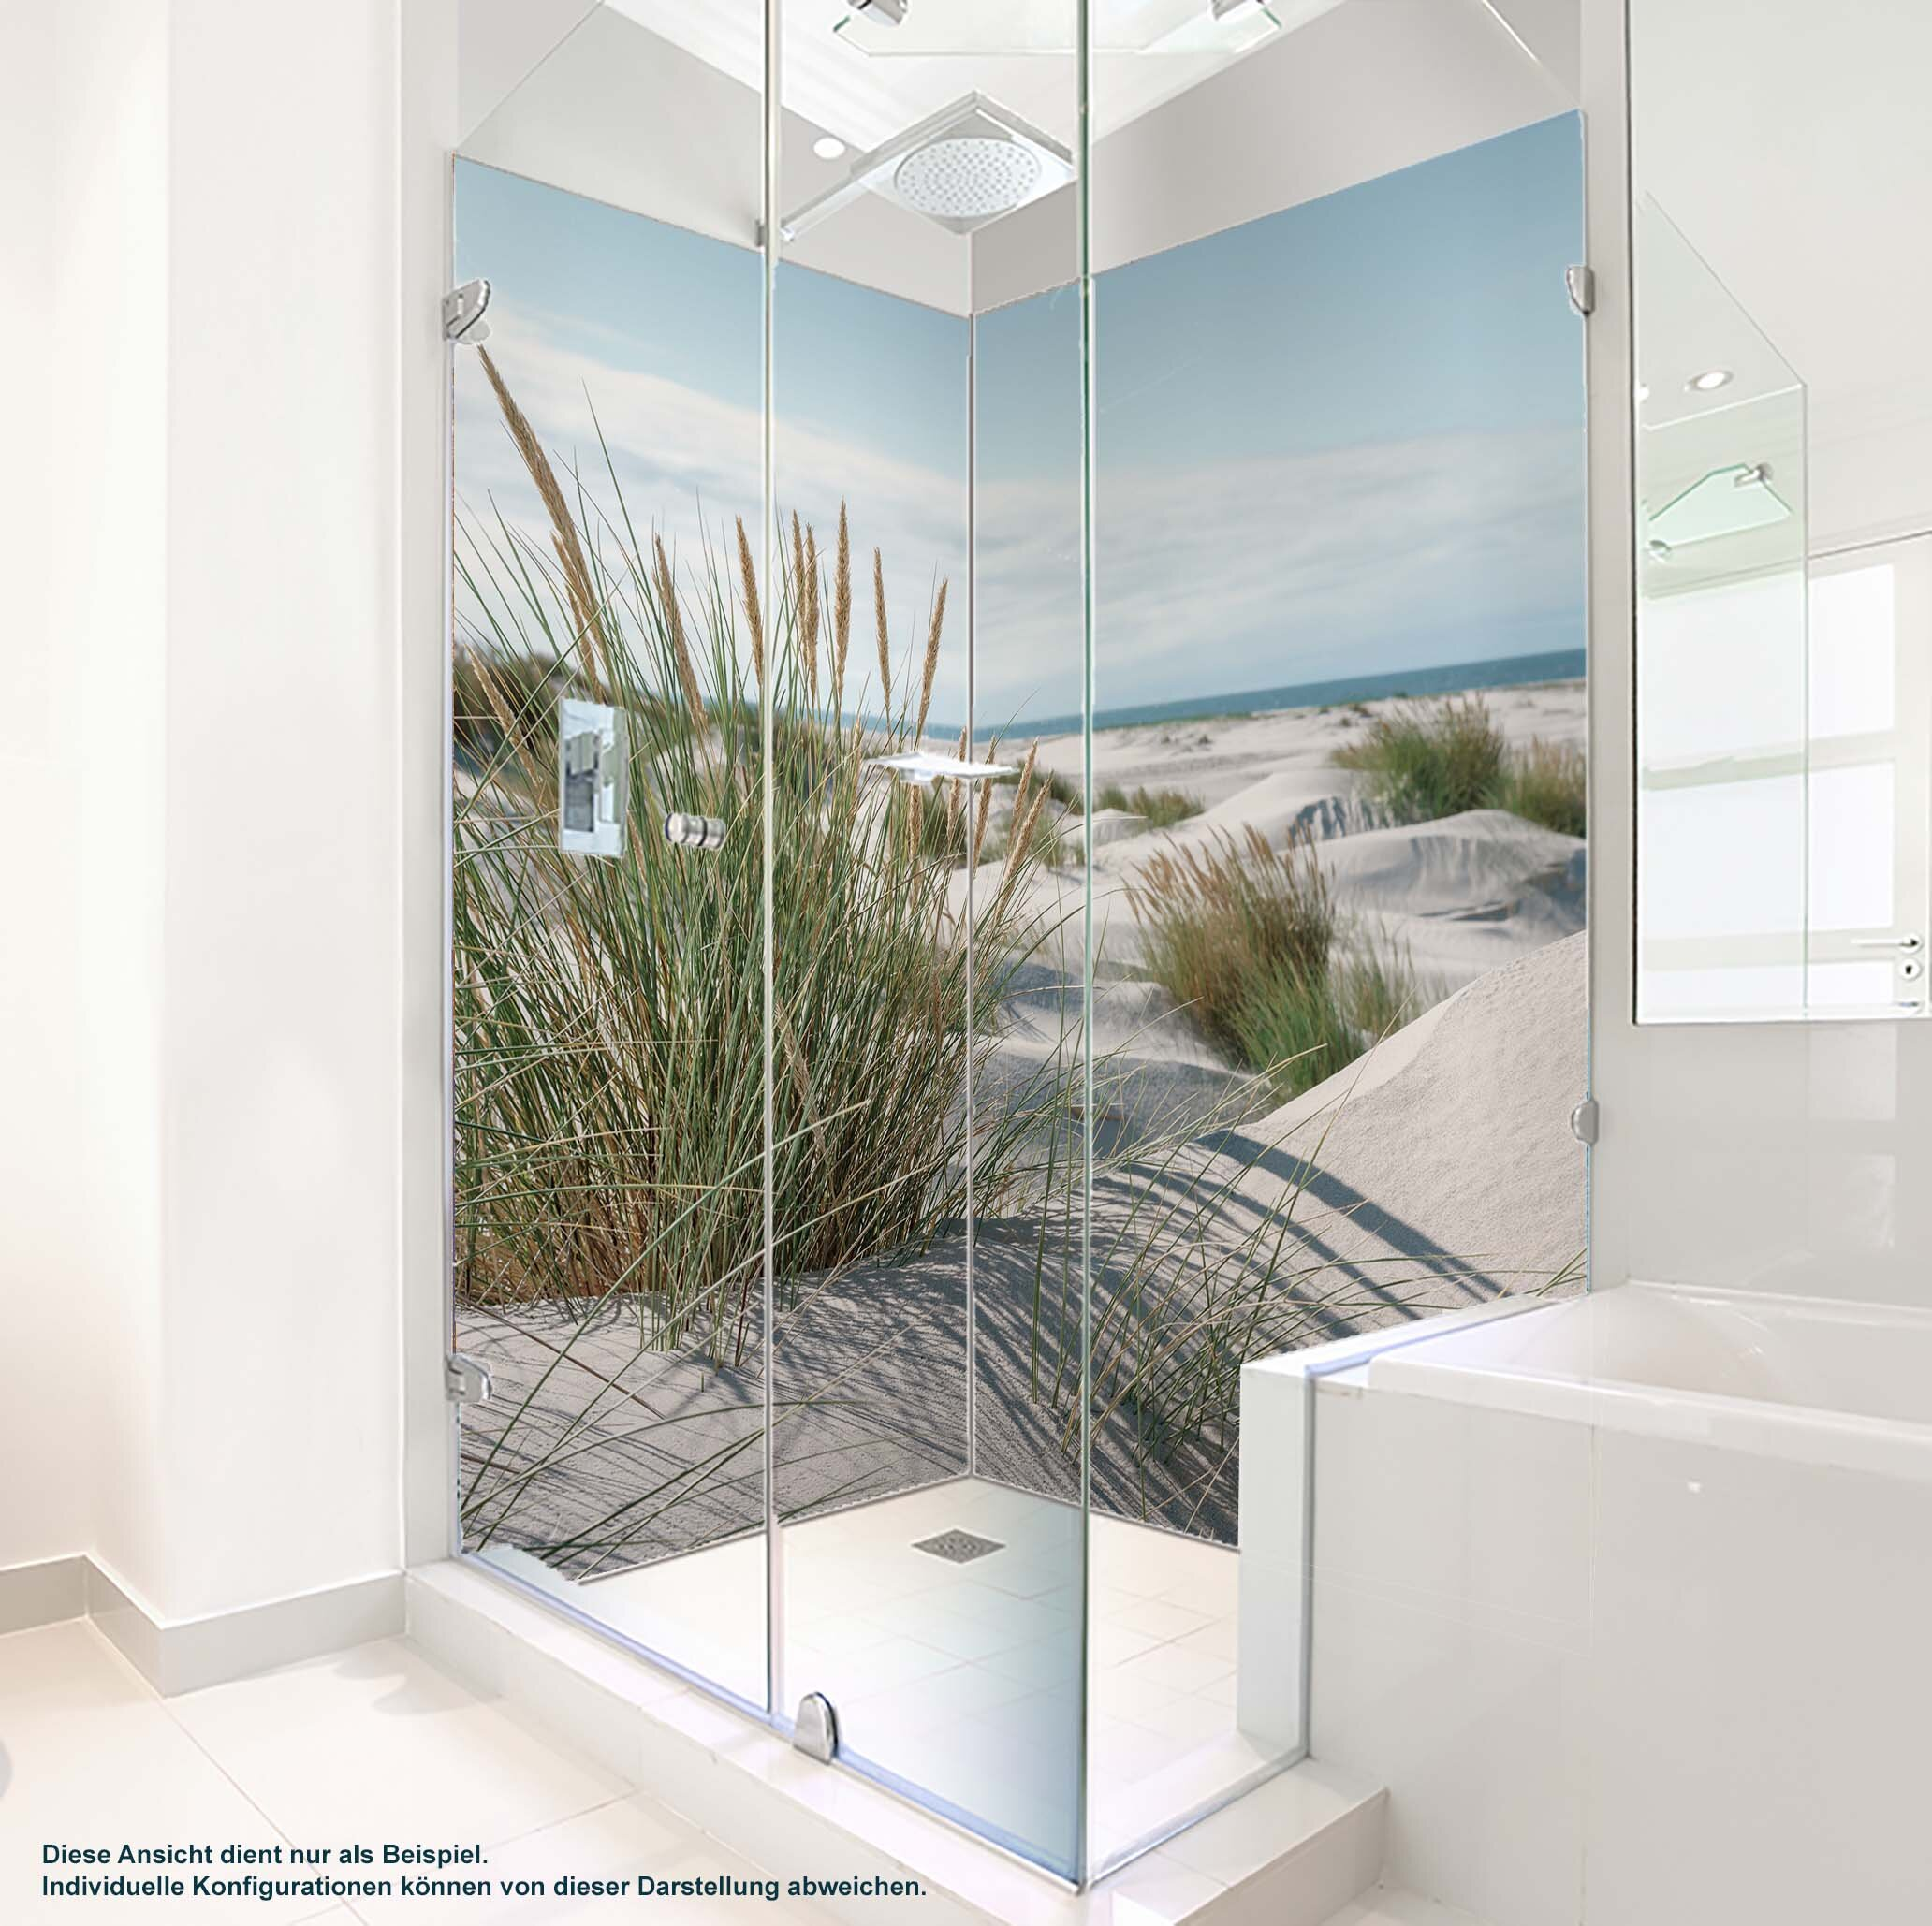 Dusche PlateART Duschrückwand mit Motiv Strand an der Nordsee